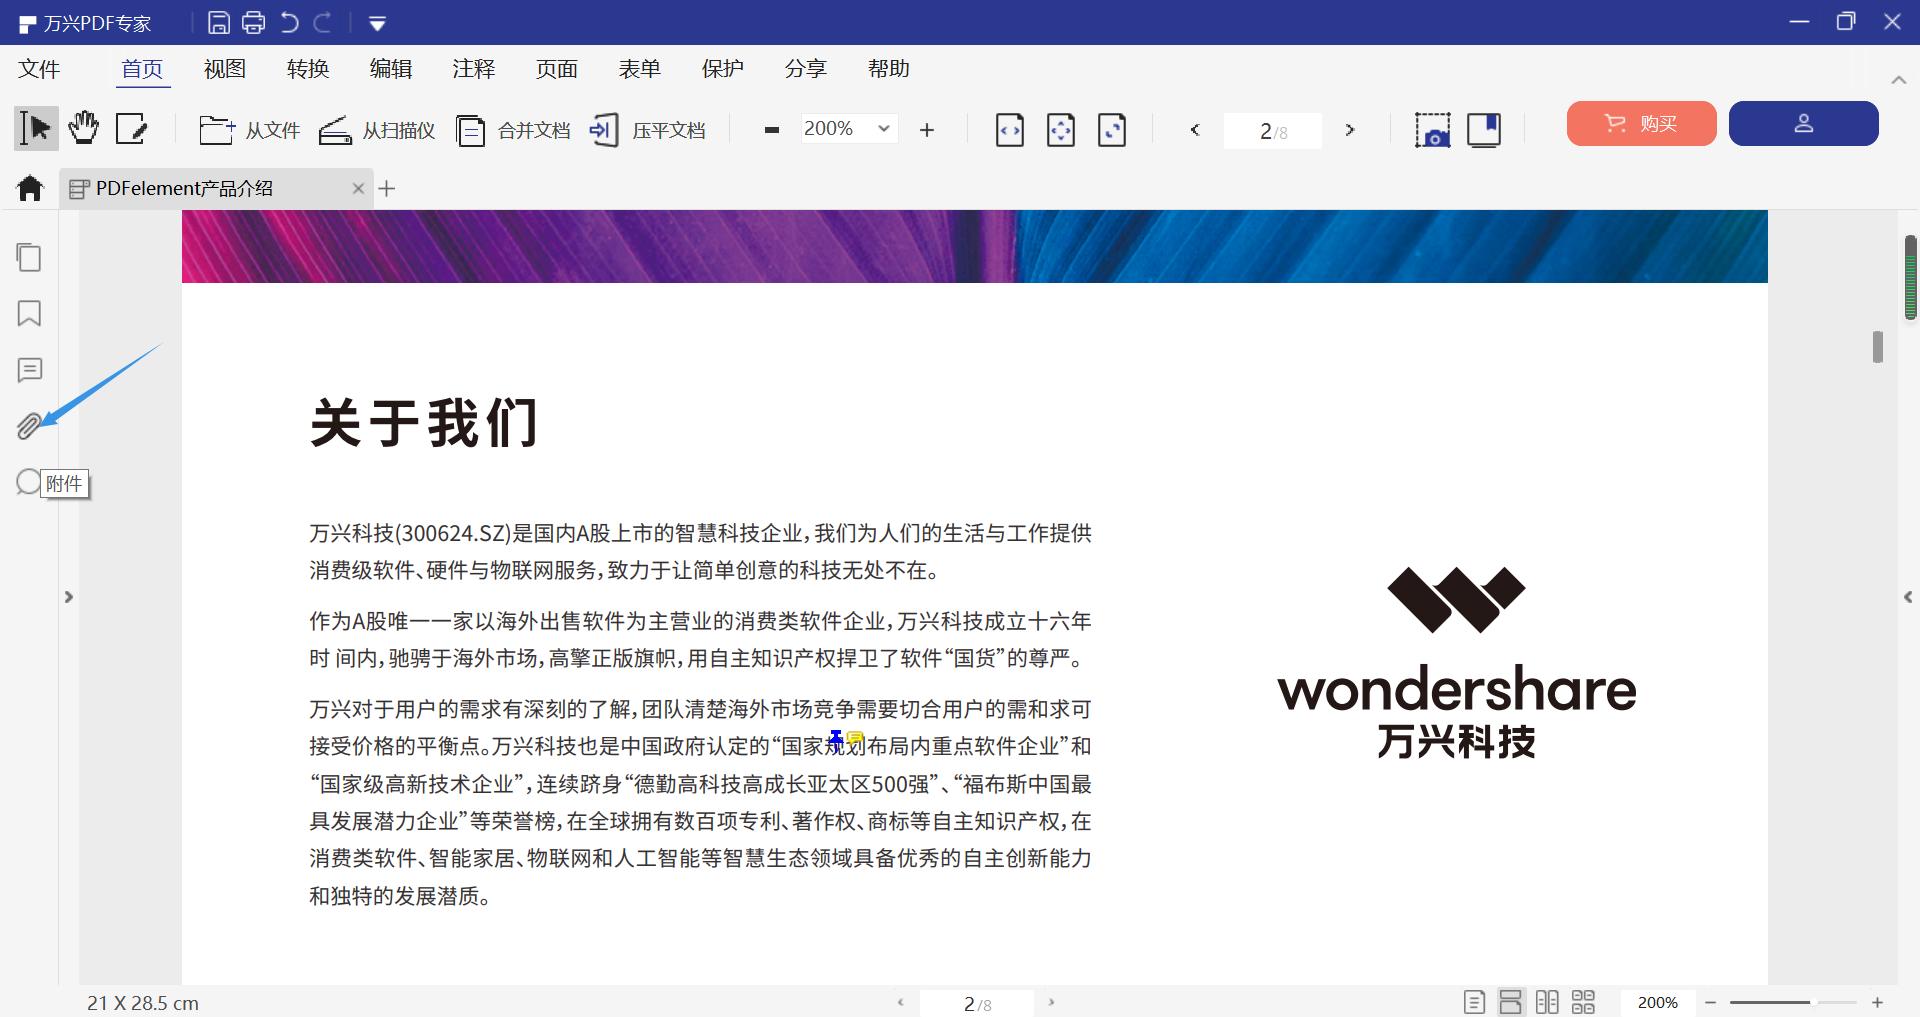 PDF文件添加附件步骤二